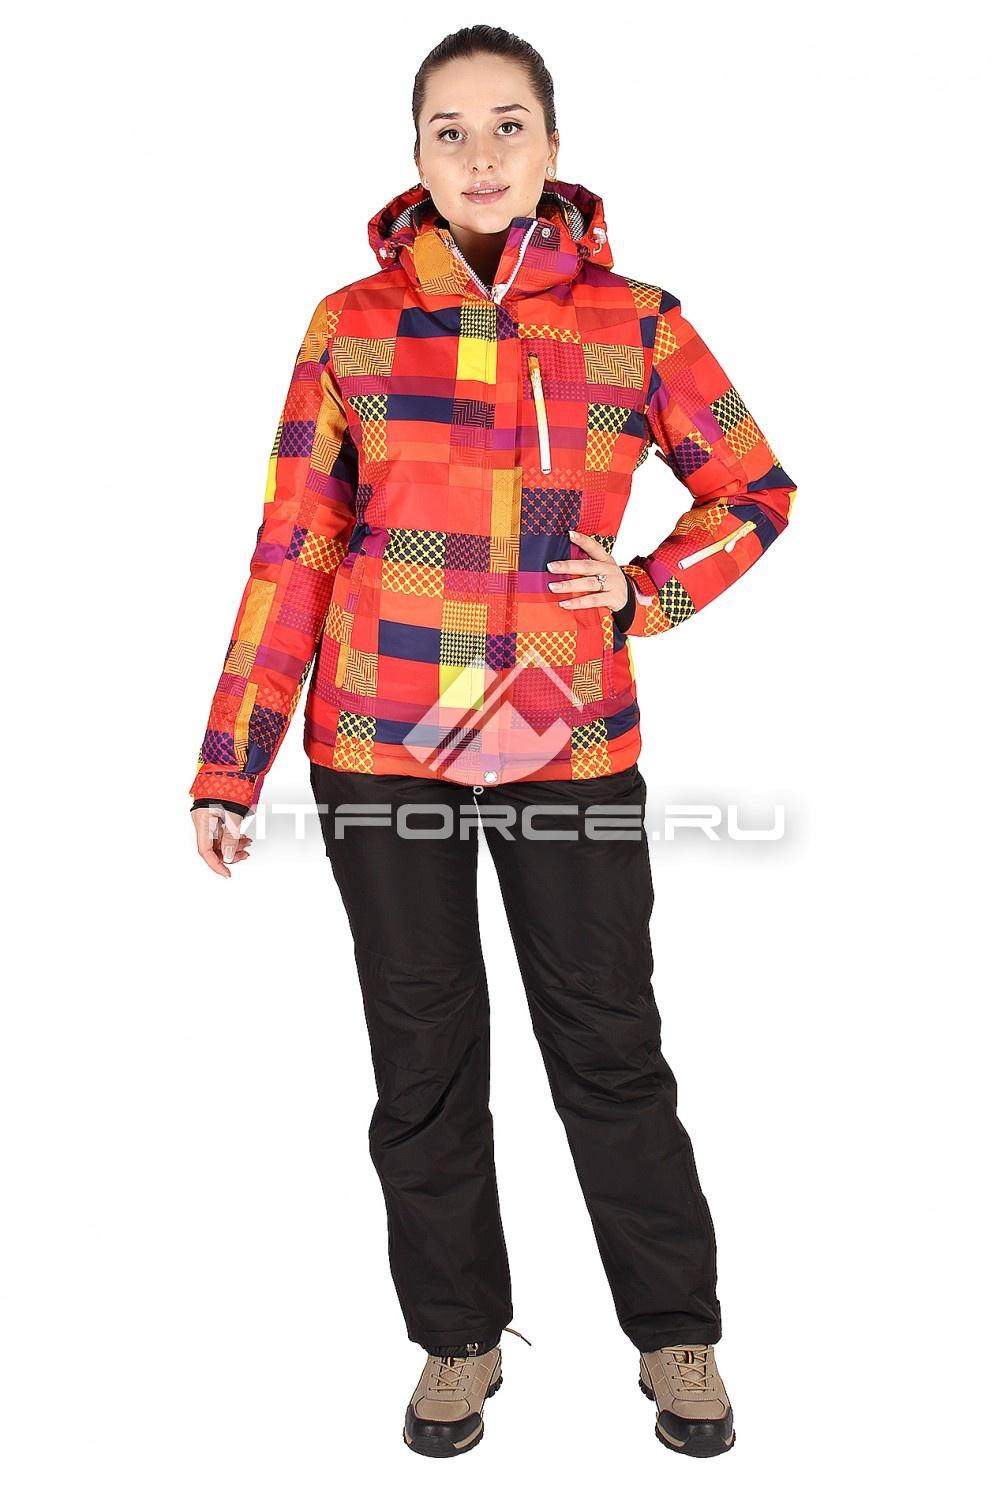 Купить                                  оптом Костюм горнолыжный женский оранжевого цвета 01531O